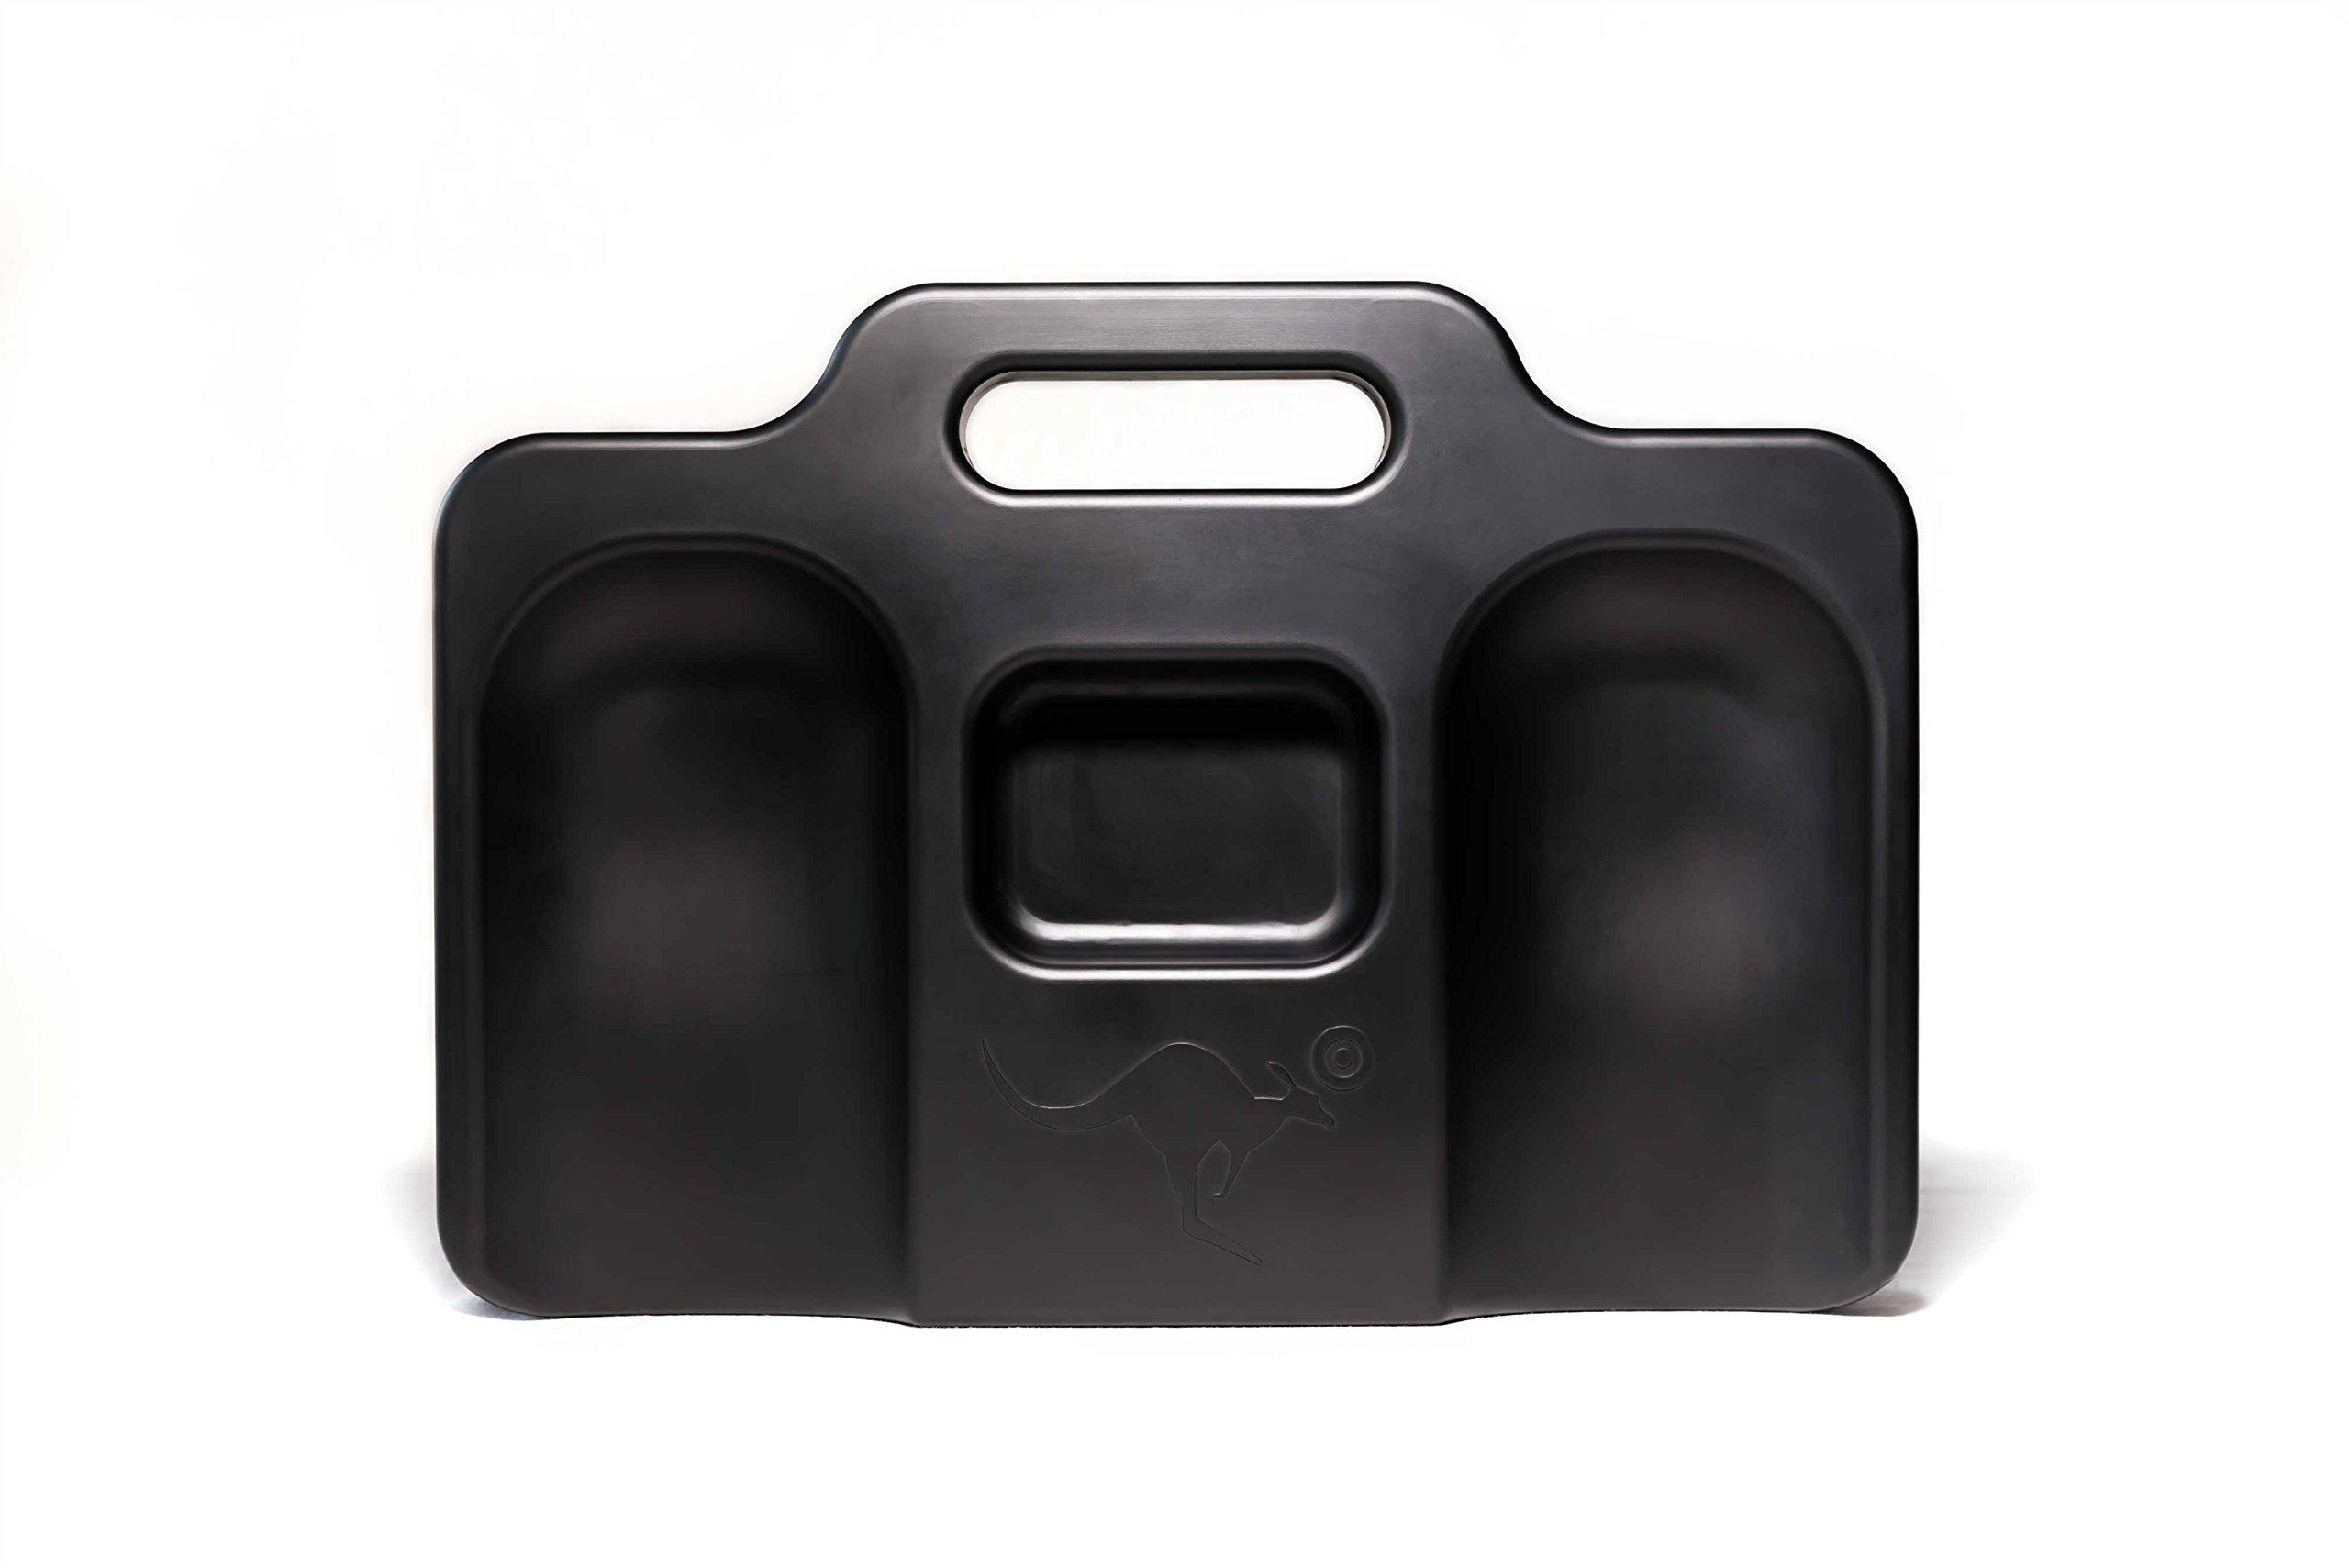 Knee Mat 15.35 x 9.92 inch Kneeling Protector Pad Car Repairing Garden Home Kneeler Black by Primepartsking